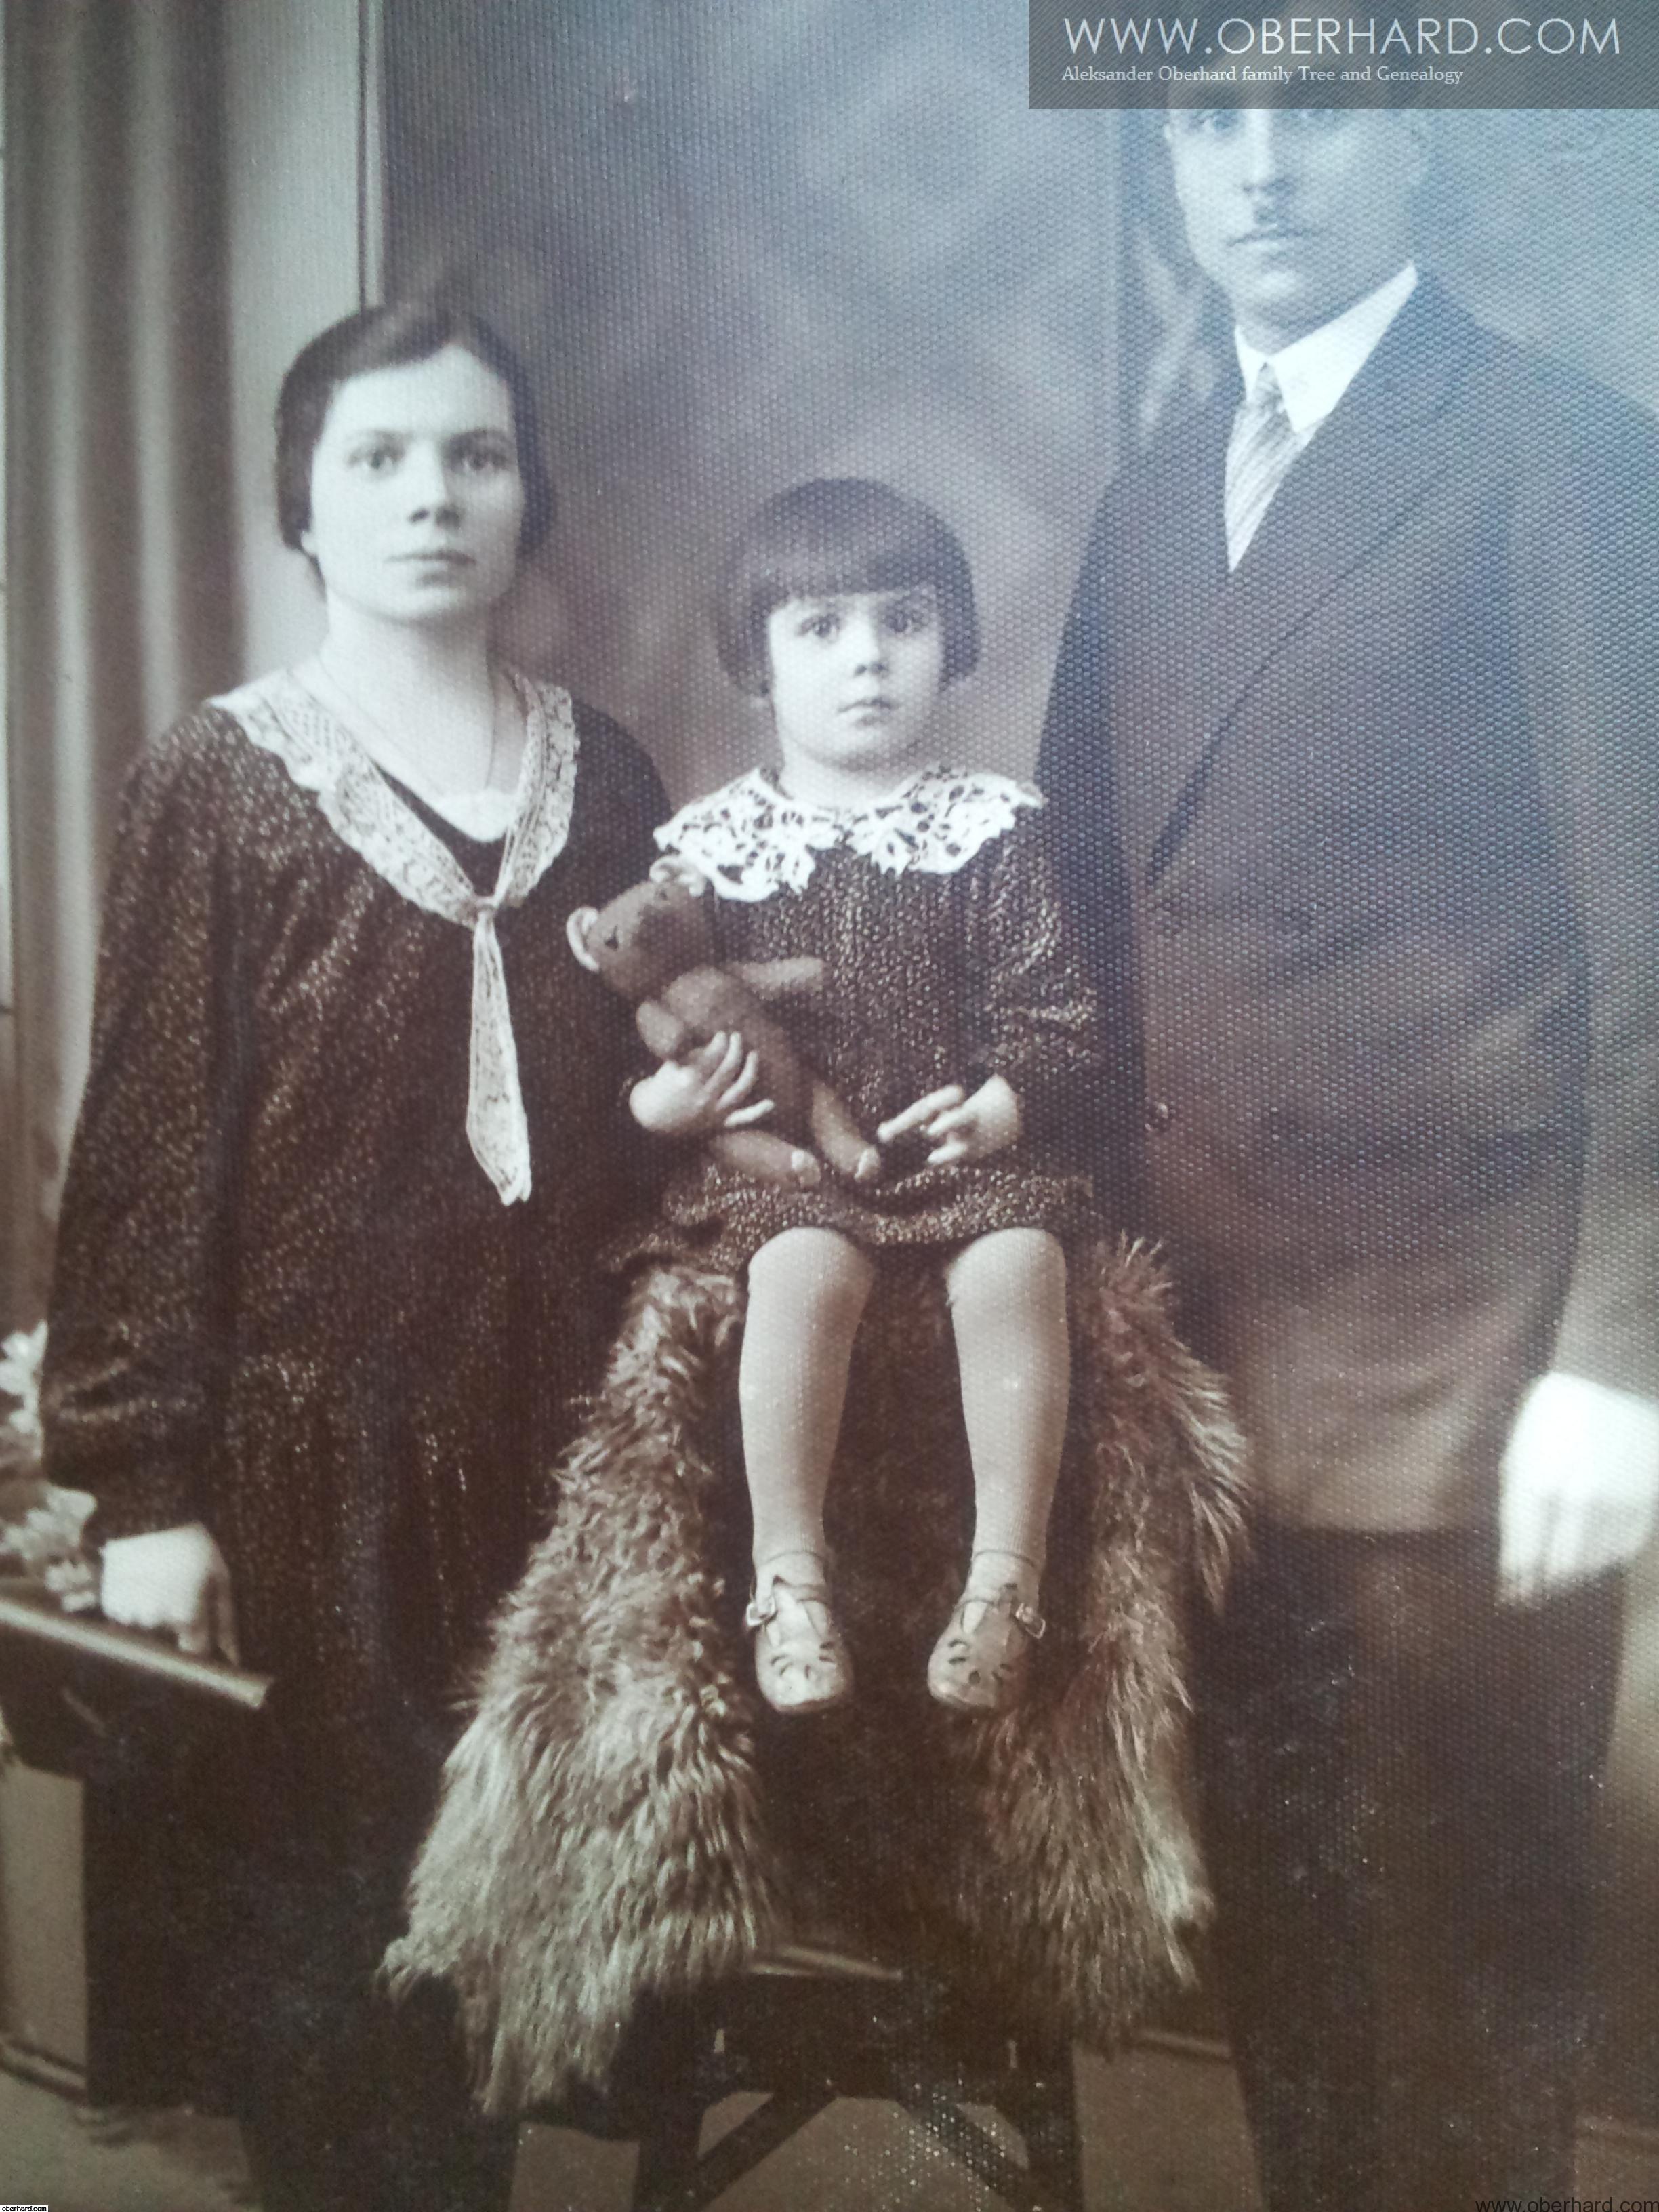 RODZINA WOŁOSOWICZ 1930r. Irena Franciszka Stanisław i mały miś.